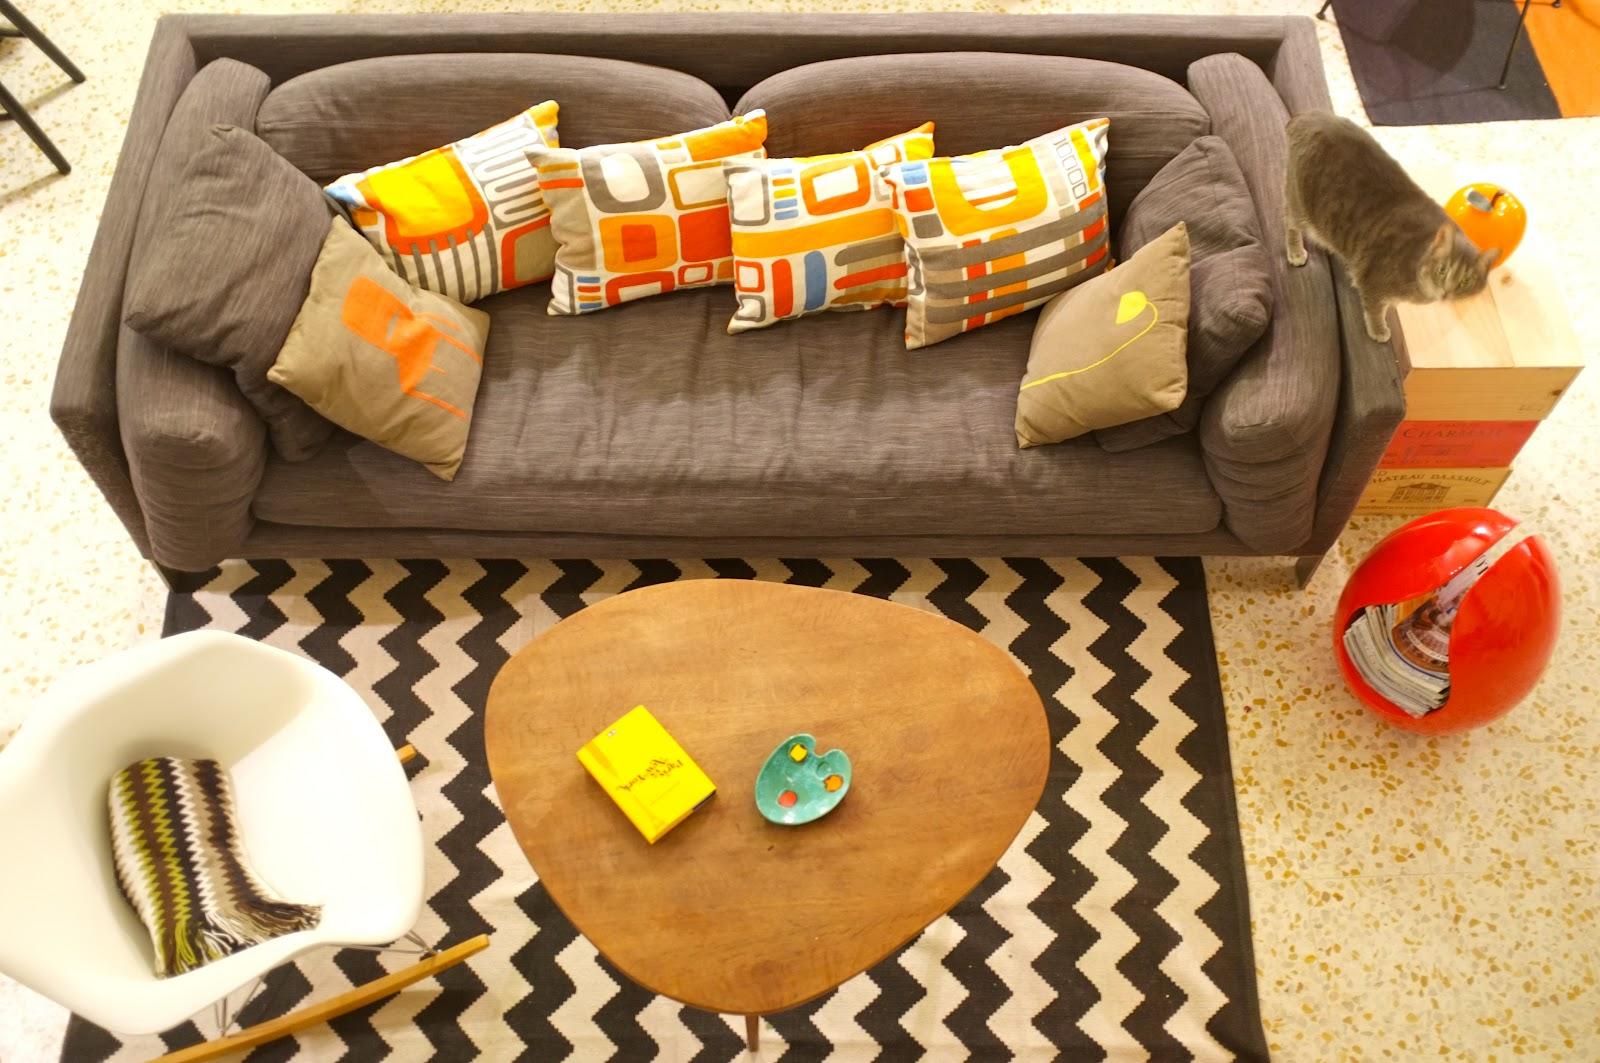 canap habitat coussins ikea table basse annes 50 chine aux puces de bordeaux fauteuil eames buffet emmaus tapis chevron urban - Emmaus Canape